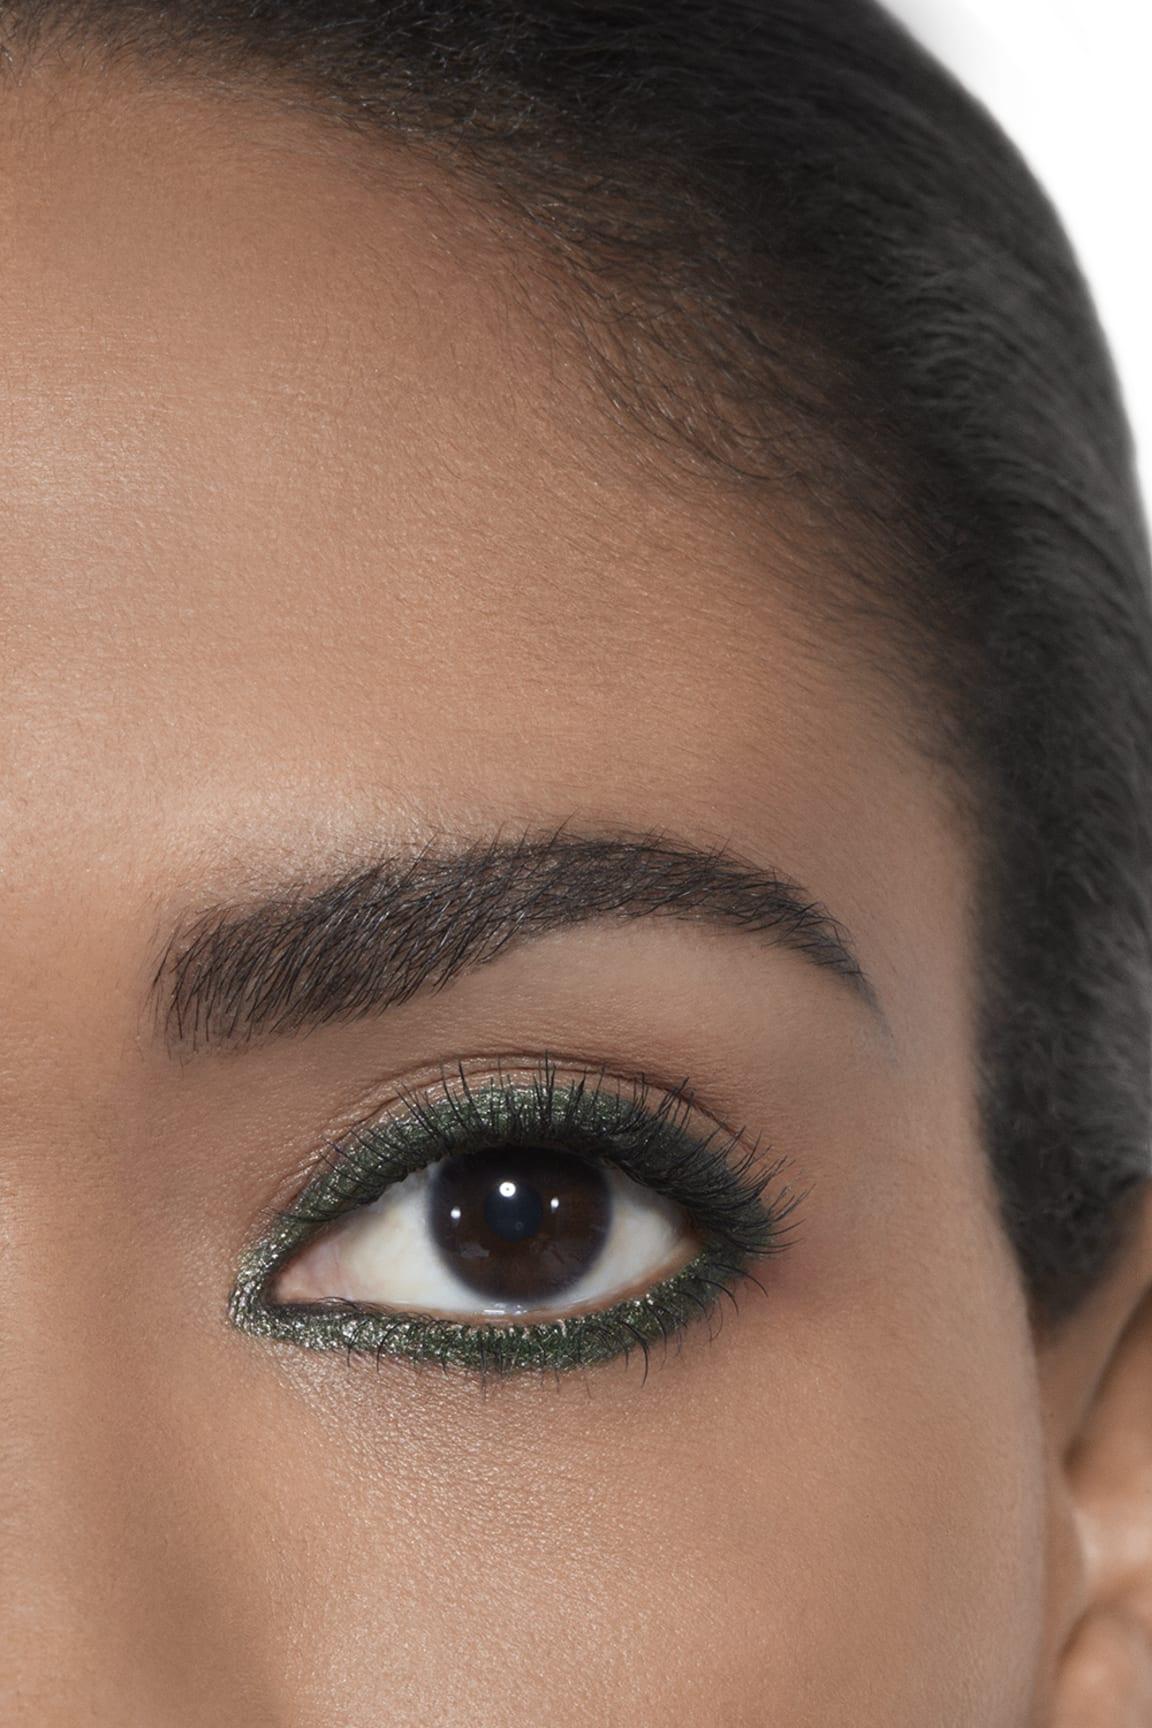 Anwendung Make-up-Bild 2 - STYLO YEUX WATERPROOF 56 - KHAKI MÉTAL